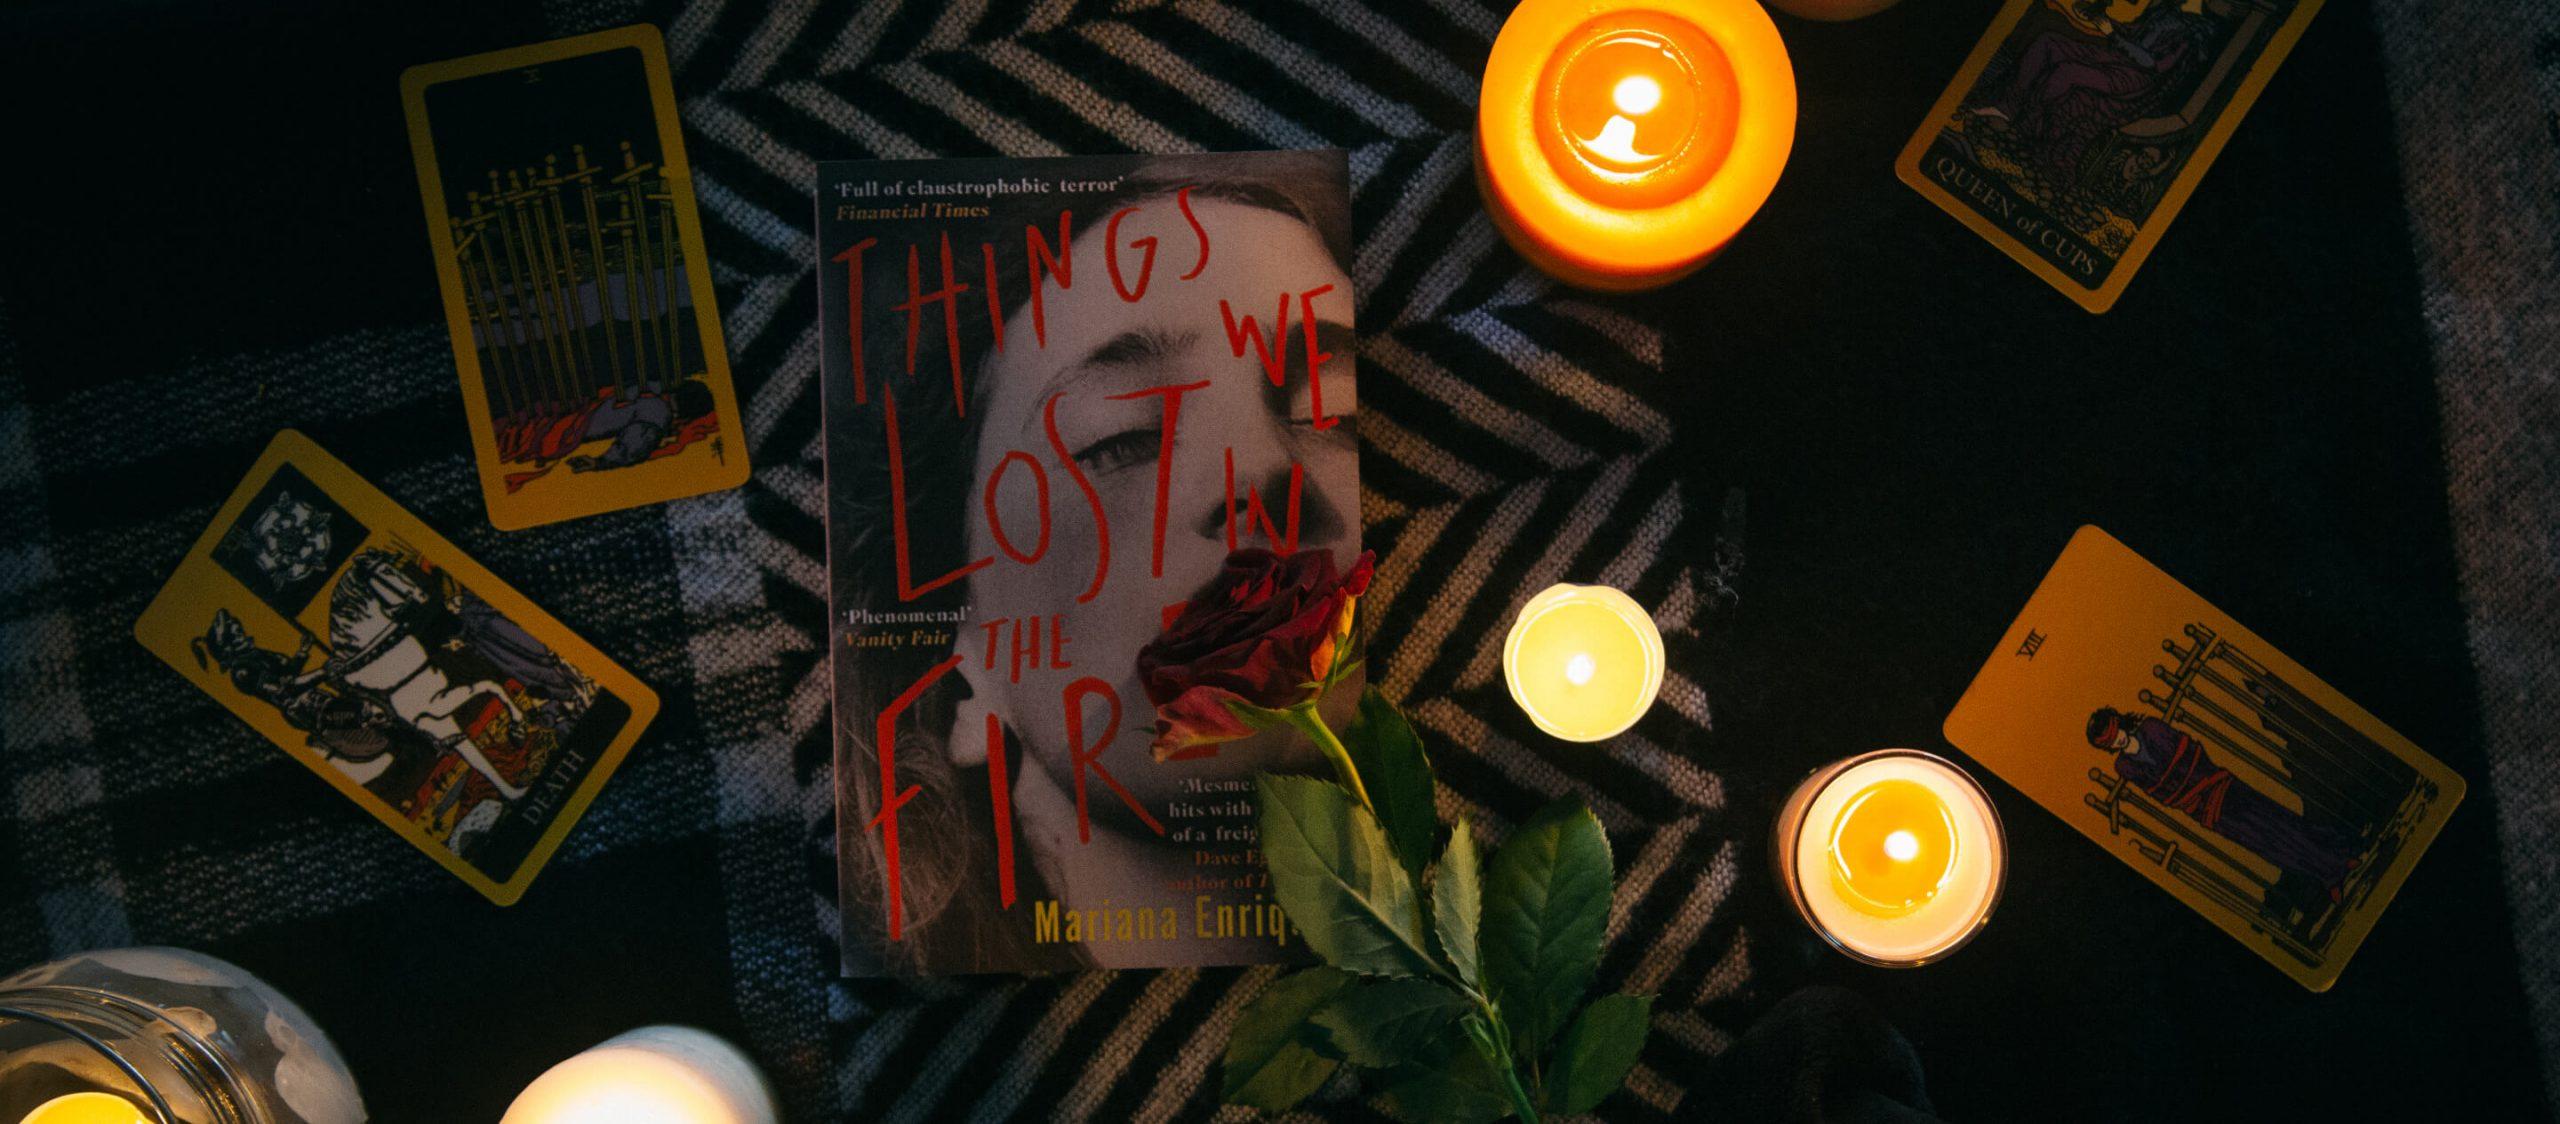 เมื่อโลกมืดมนกว่าที่คิด 'Things We Lost in the Fire' รวมเรื่องสั้นสุดมืดมิดจากอาร์เจนตินา